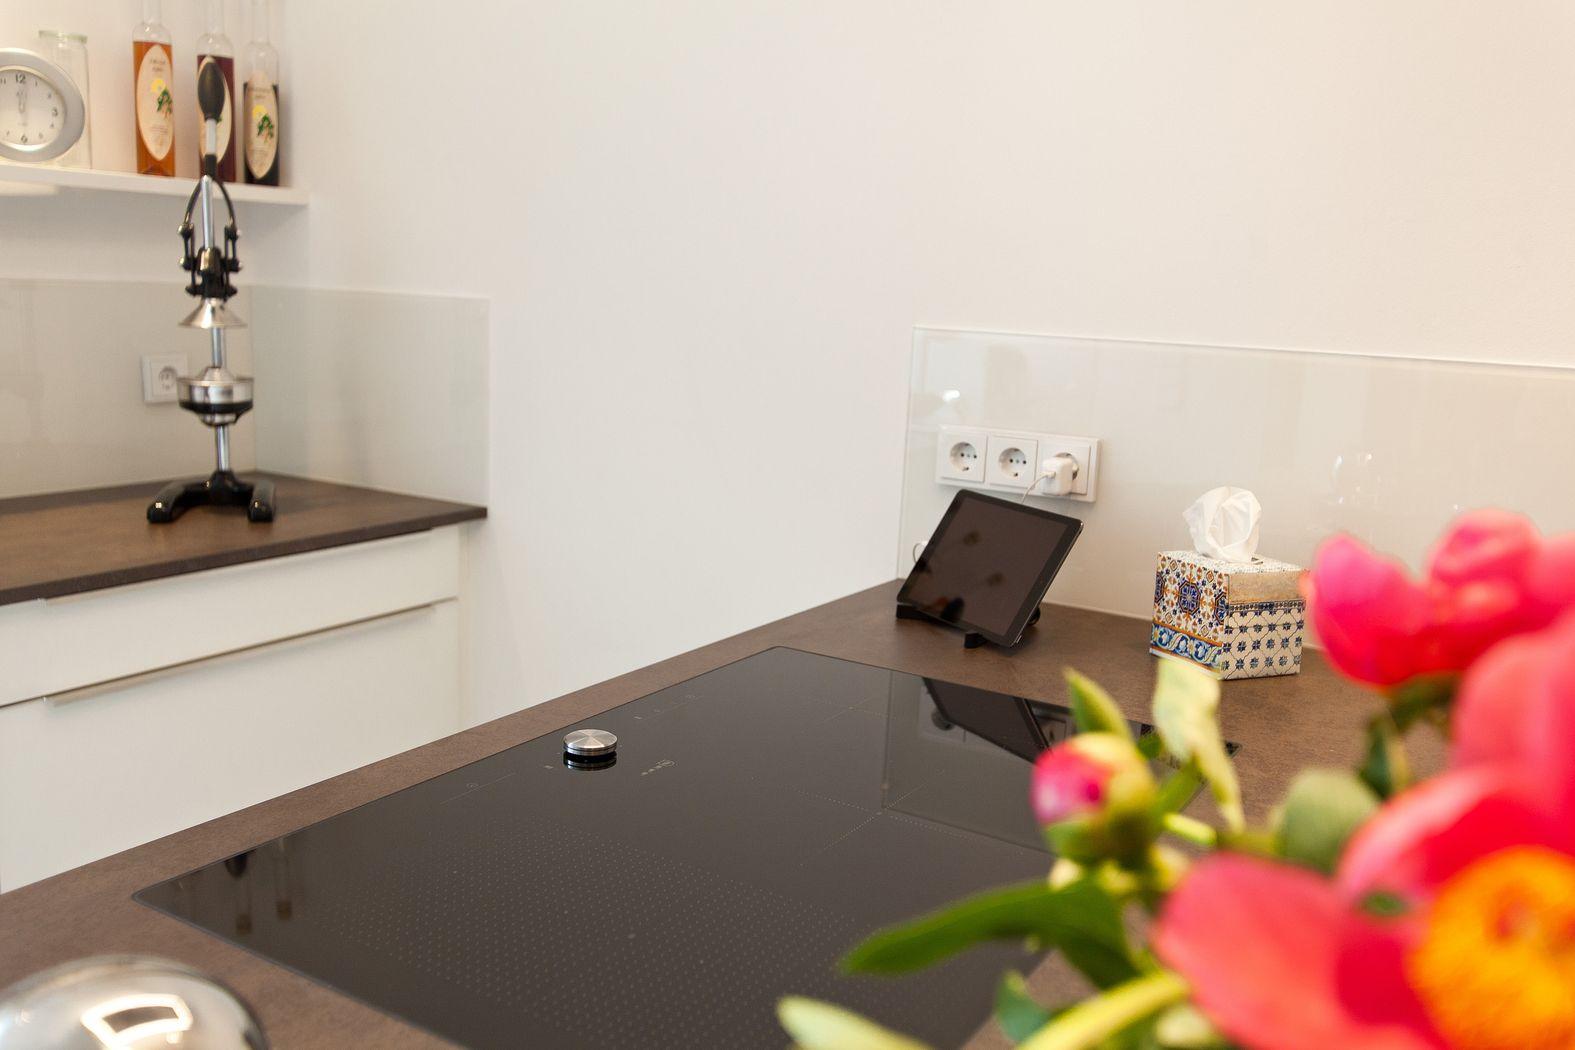 Küchen Steckdosen mit & ohne USB Anschluss